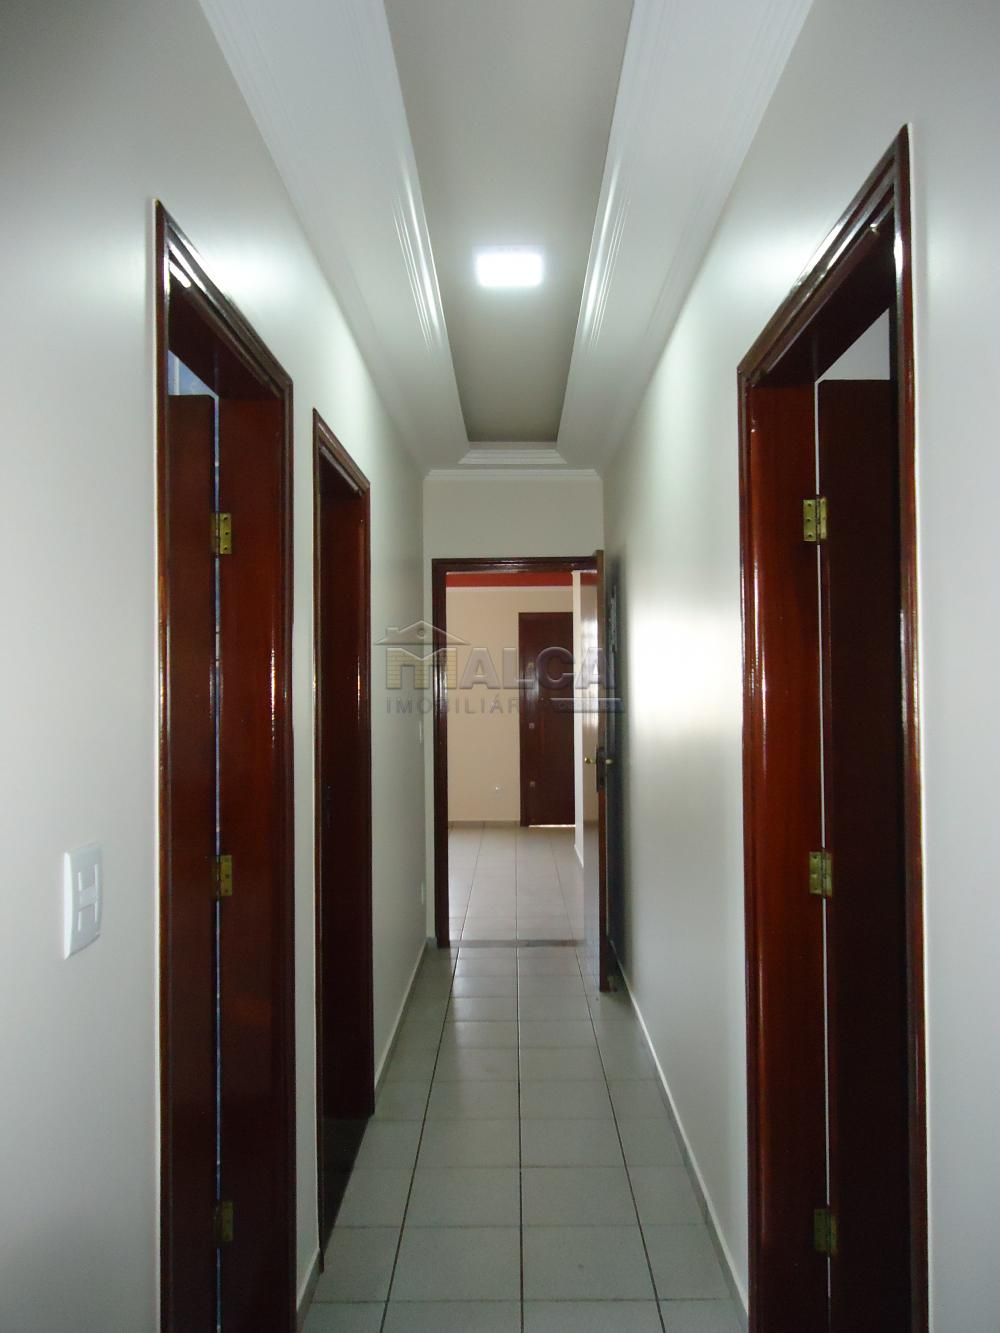 Alugar Casas / Padrão em São José do Rio Pardo apenas R$ 2.450,00 - Foto 33